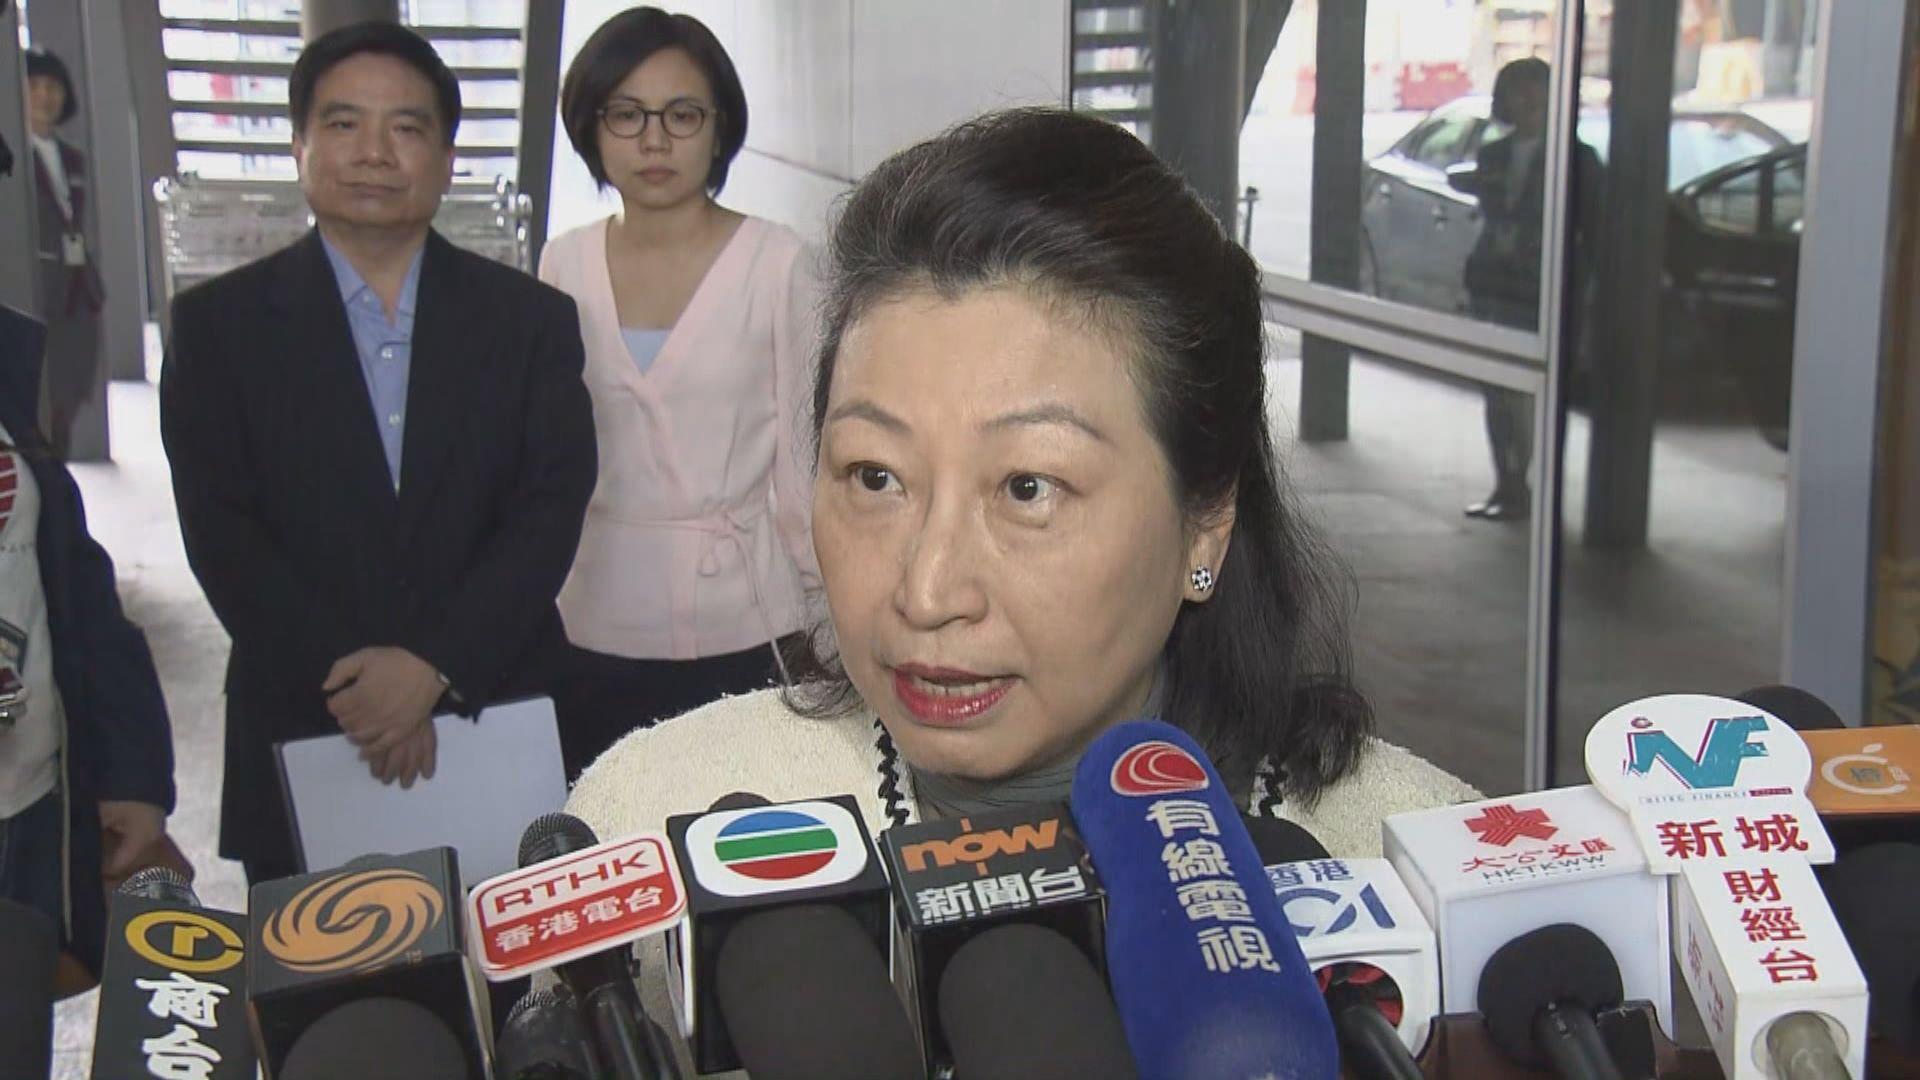 鄭若驊:不會因為個別政治人物身分而影響檢控決定